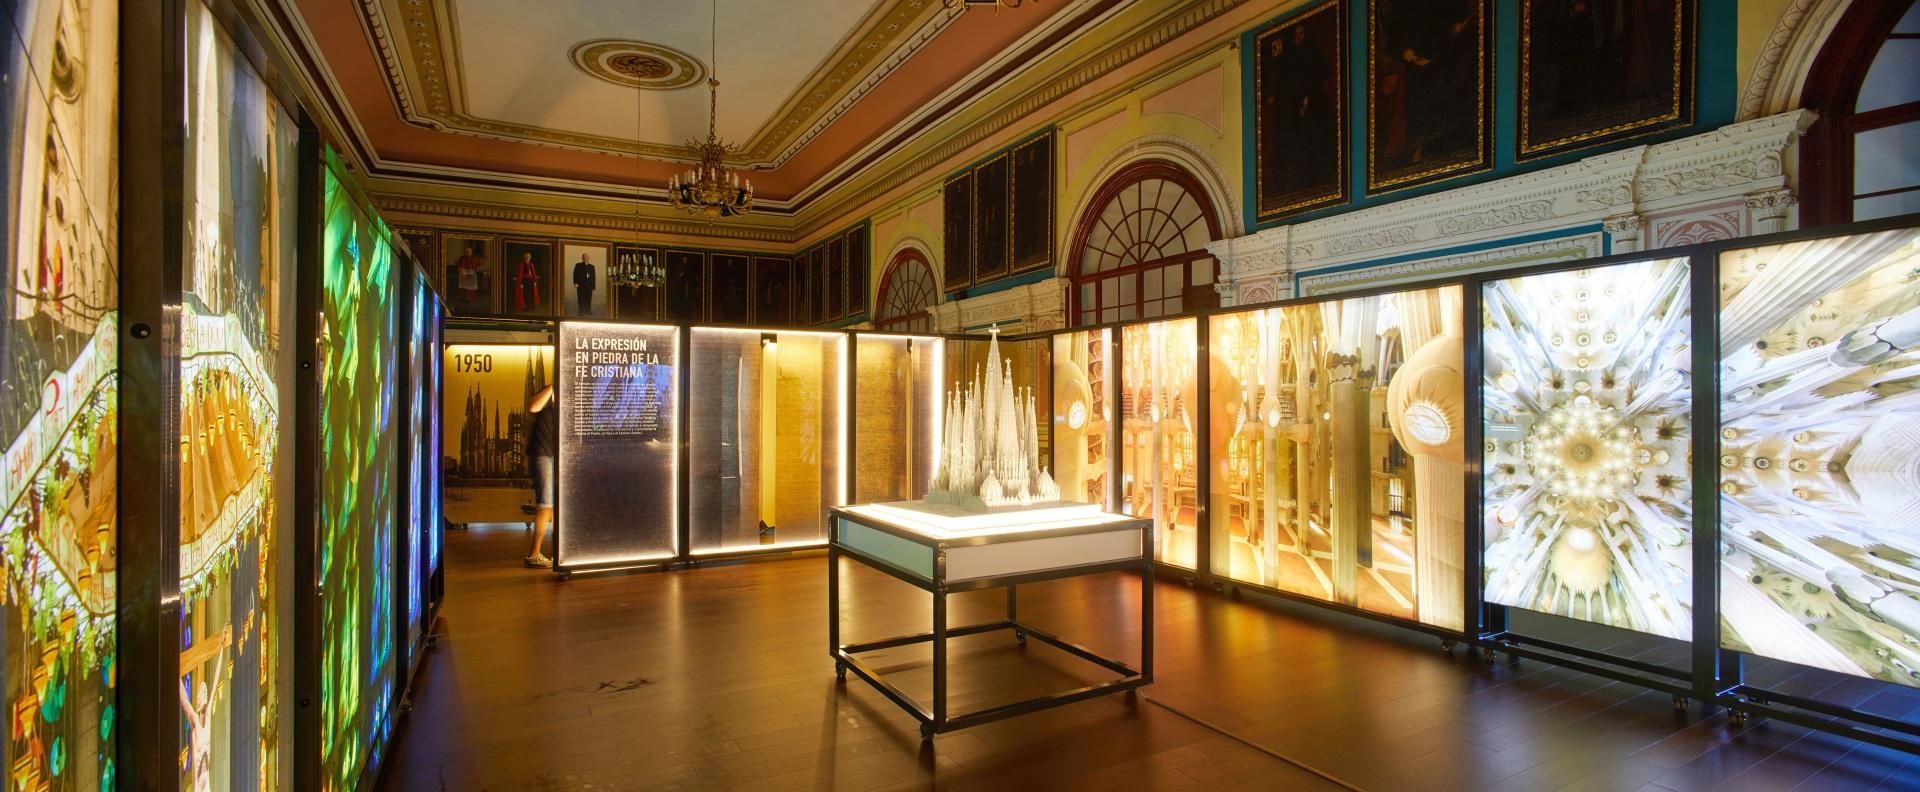 Exposición Gaudí Sagrada Familia. Maqueta iluminada rodeada de imágenes de vidrieras del interior en colores verde, azul y naranja. En una sala antigua con retratos de cardenales.